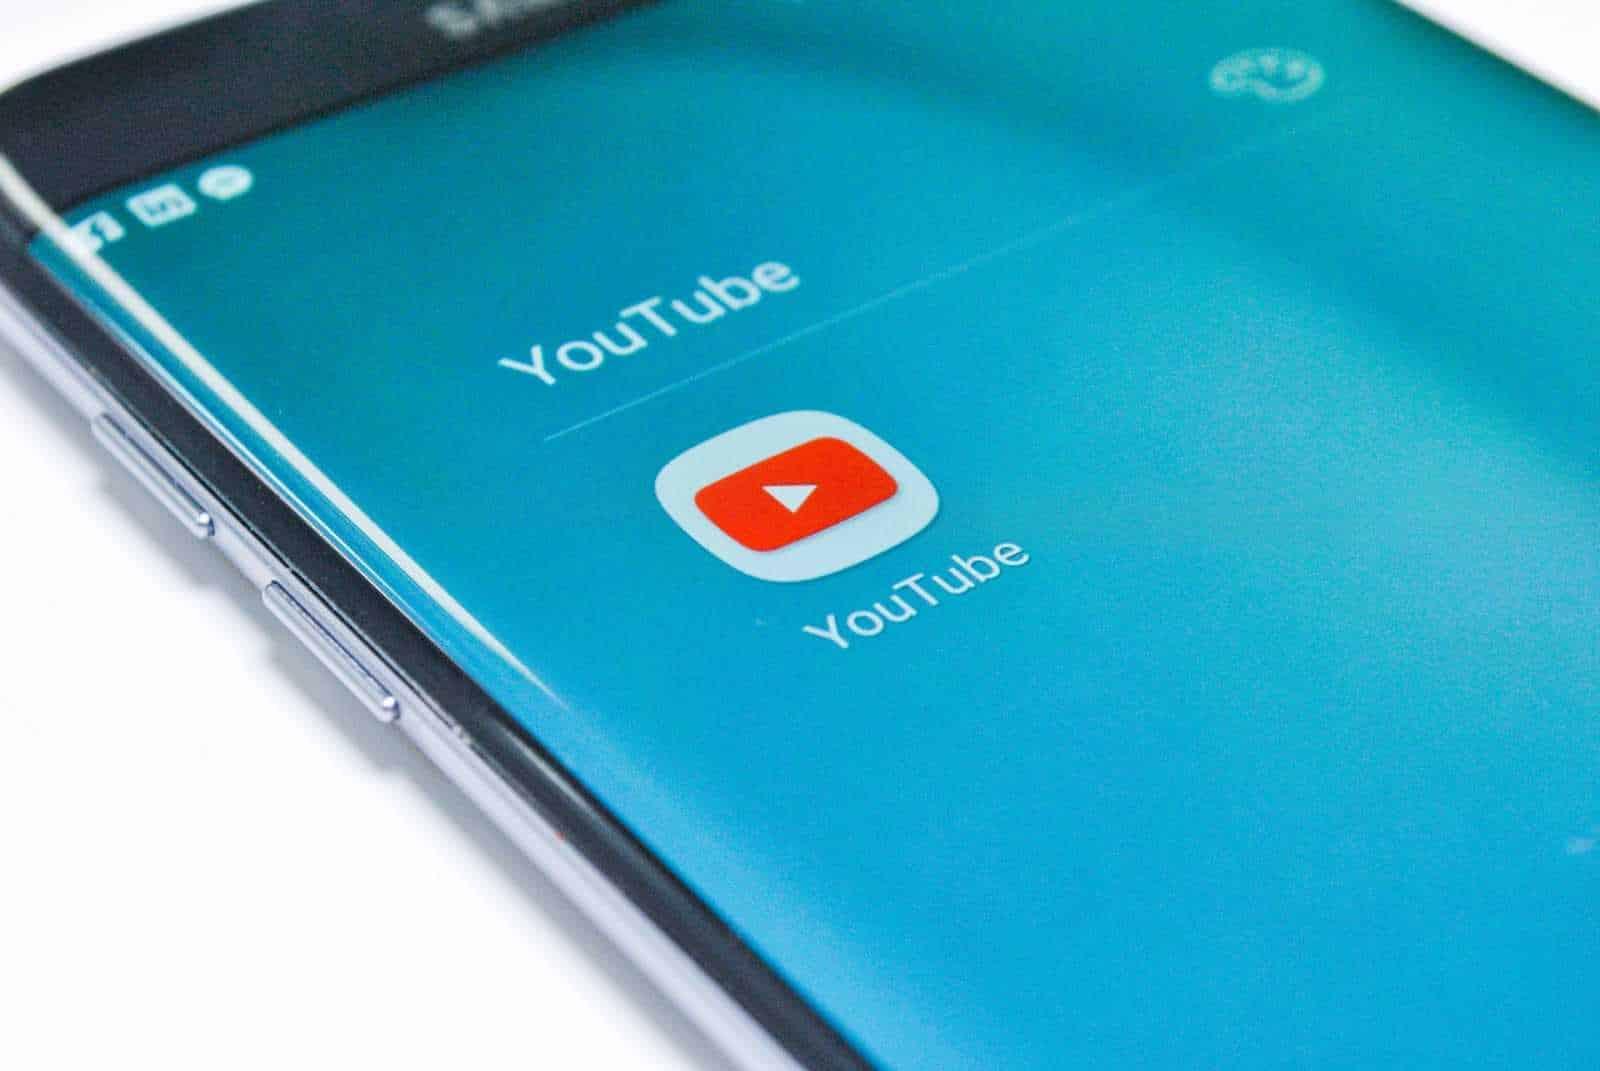 Κατέβασμα από το Youtube σε κινητά Android και iOS